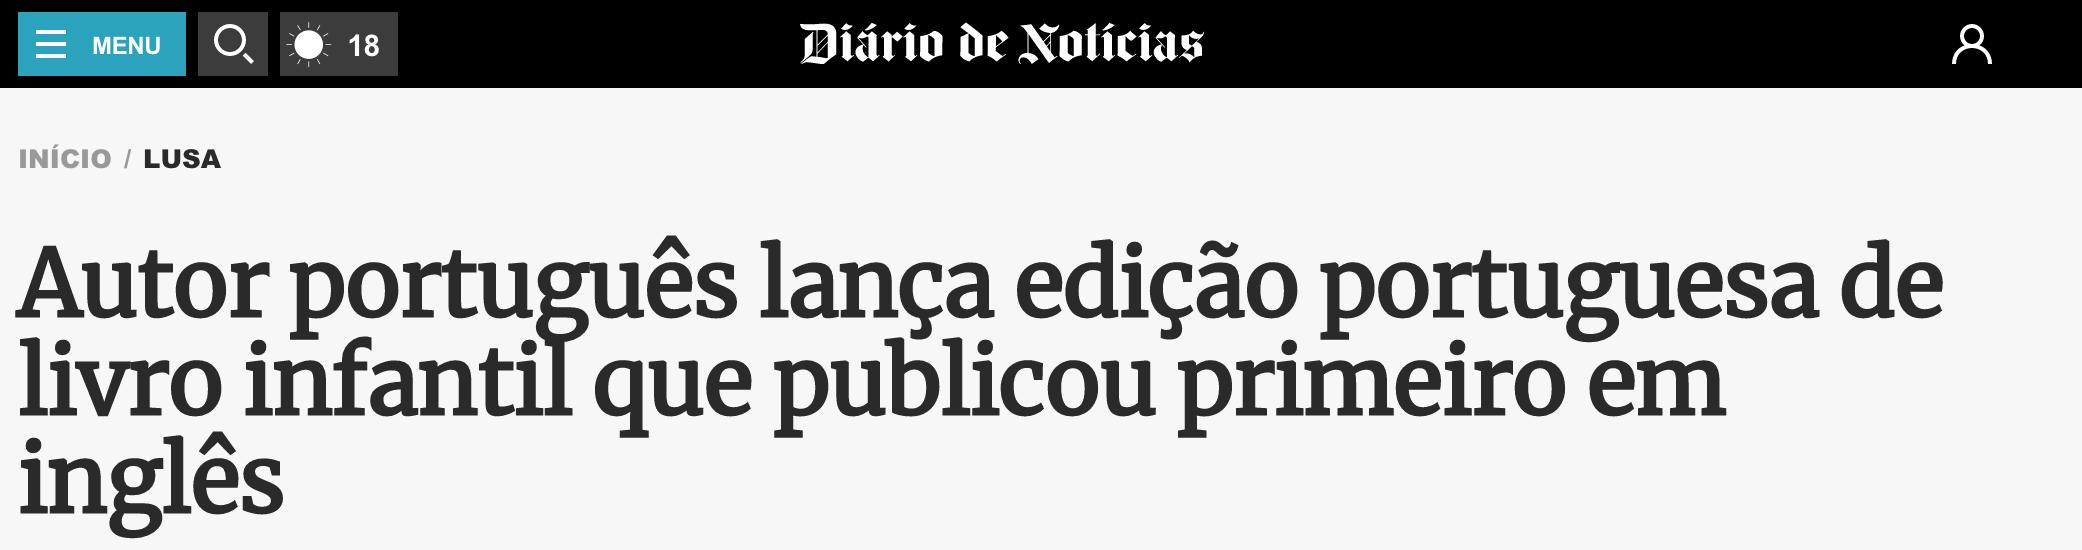 Diário Notícias  - 24 Setembro 2018